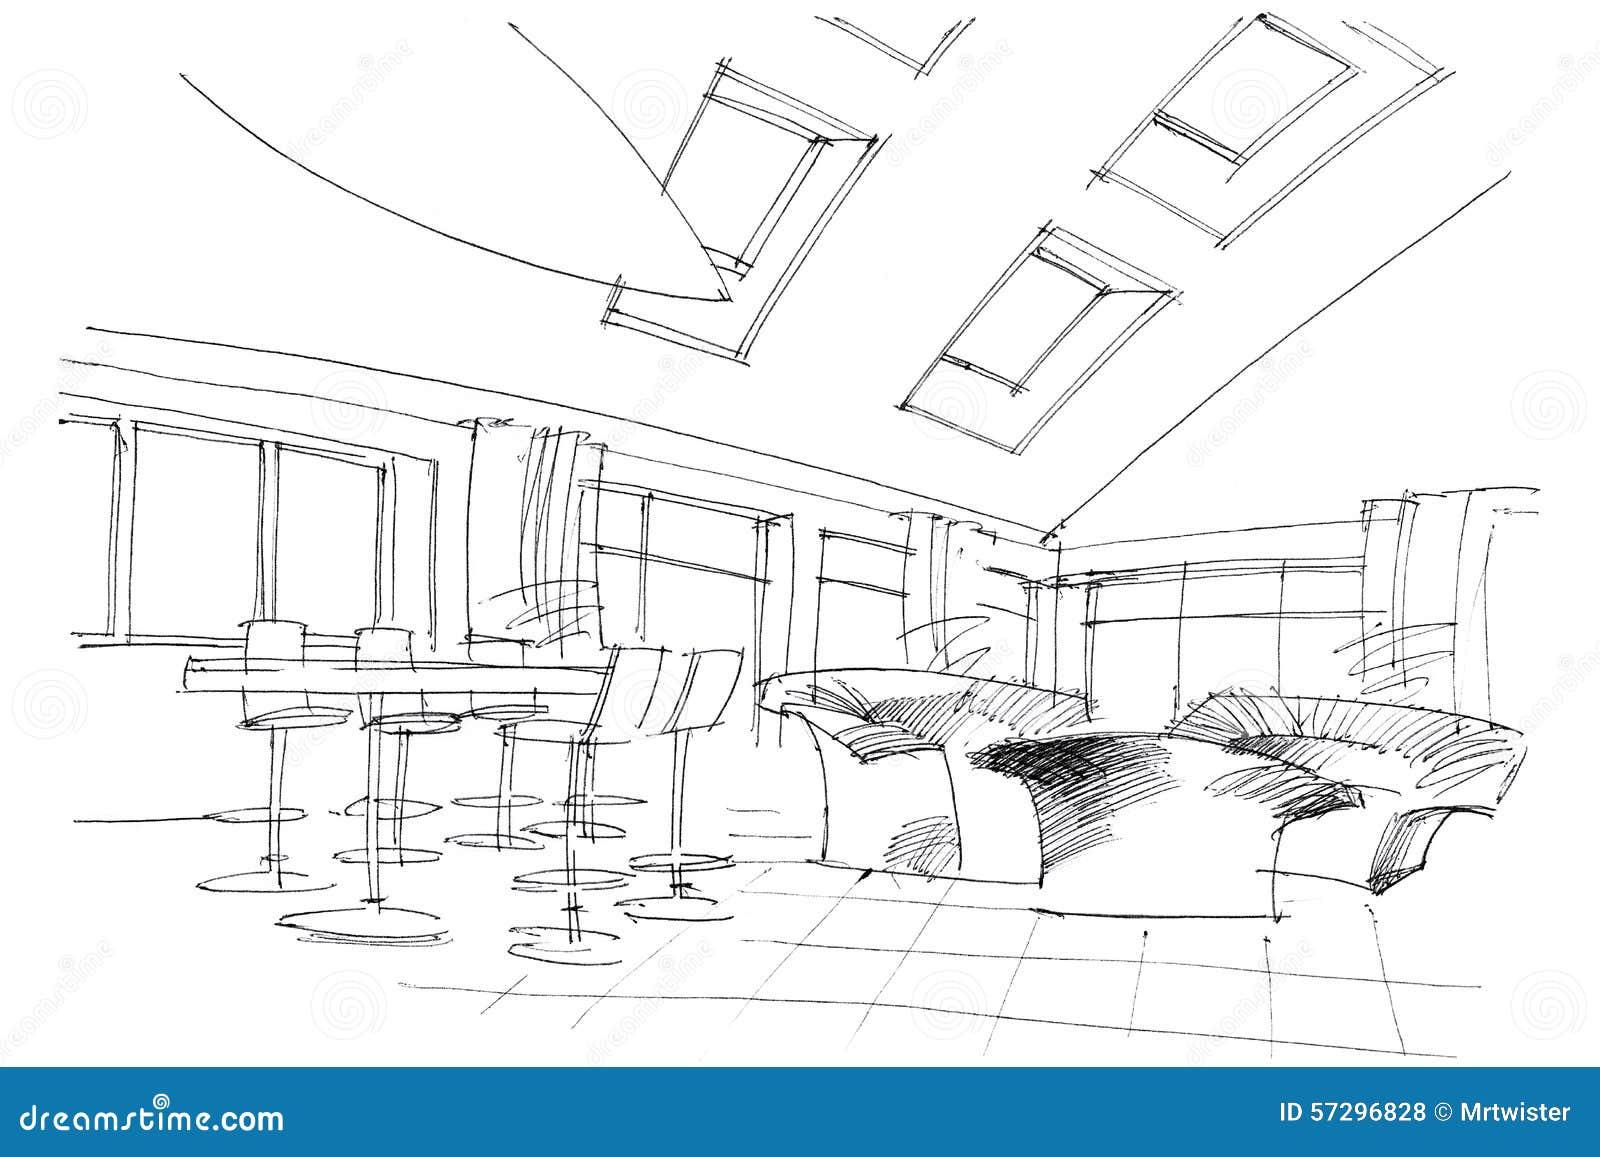 Cafe drawing interior - Sketch Interior Of A Public Building